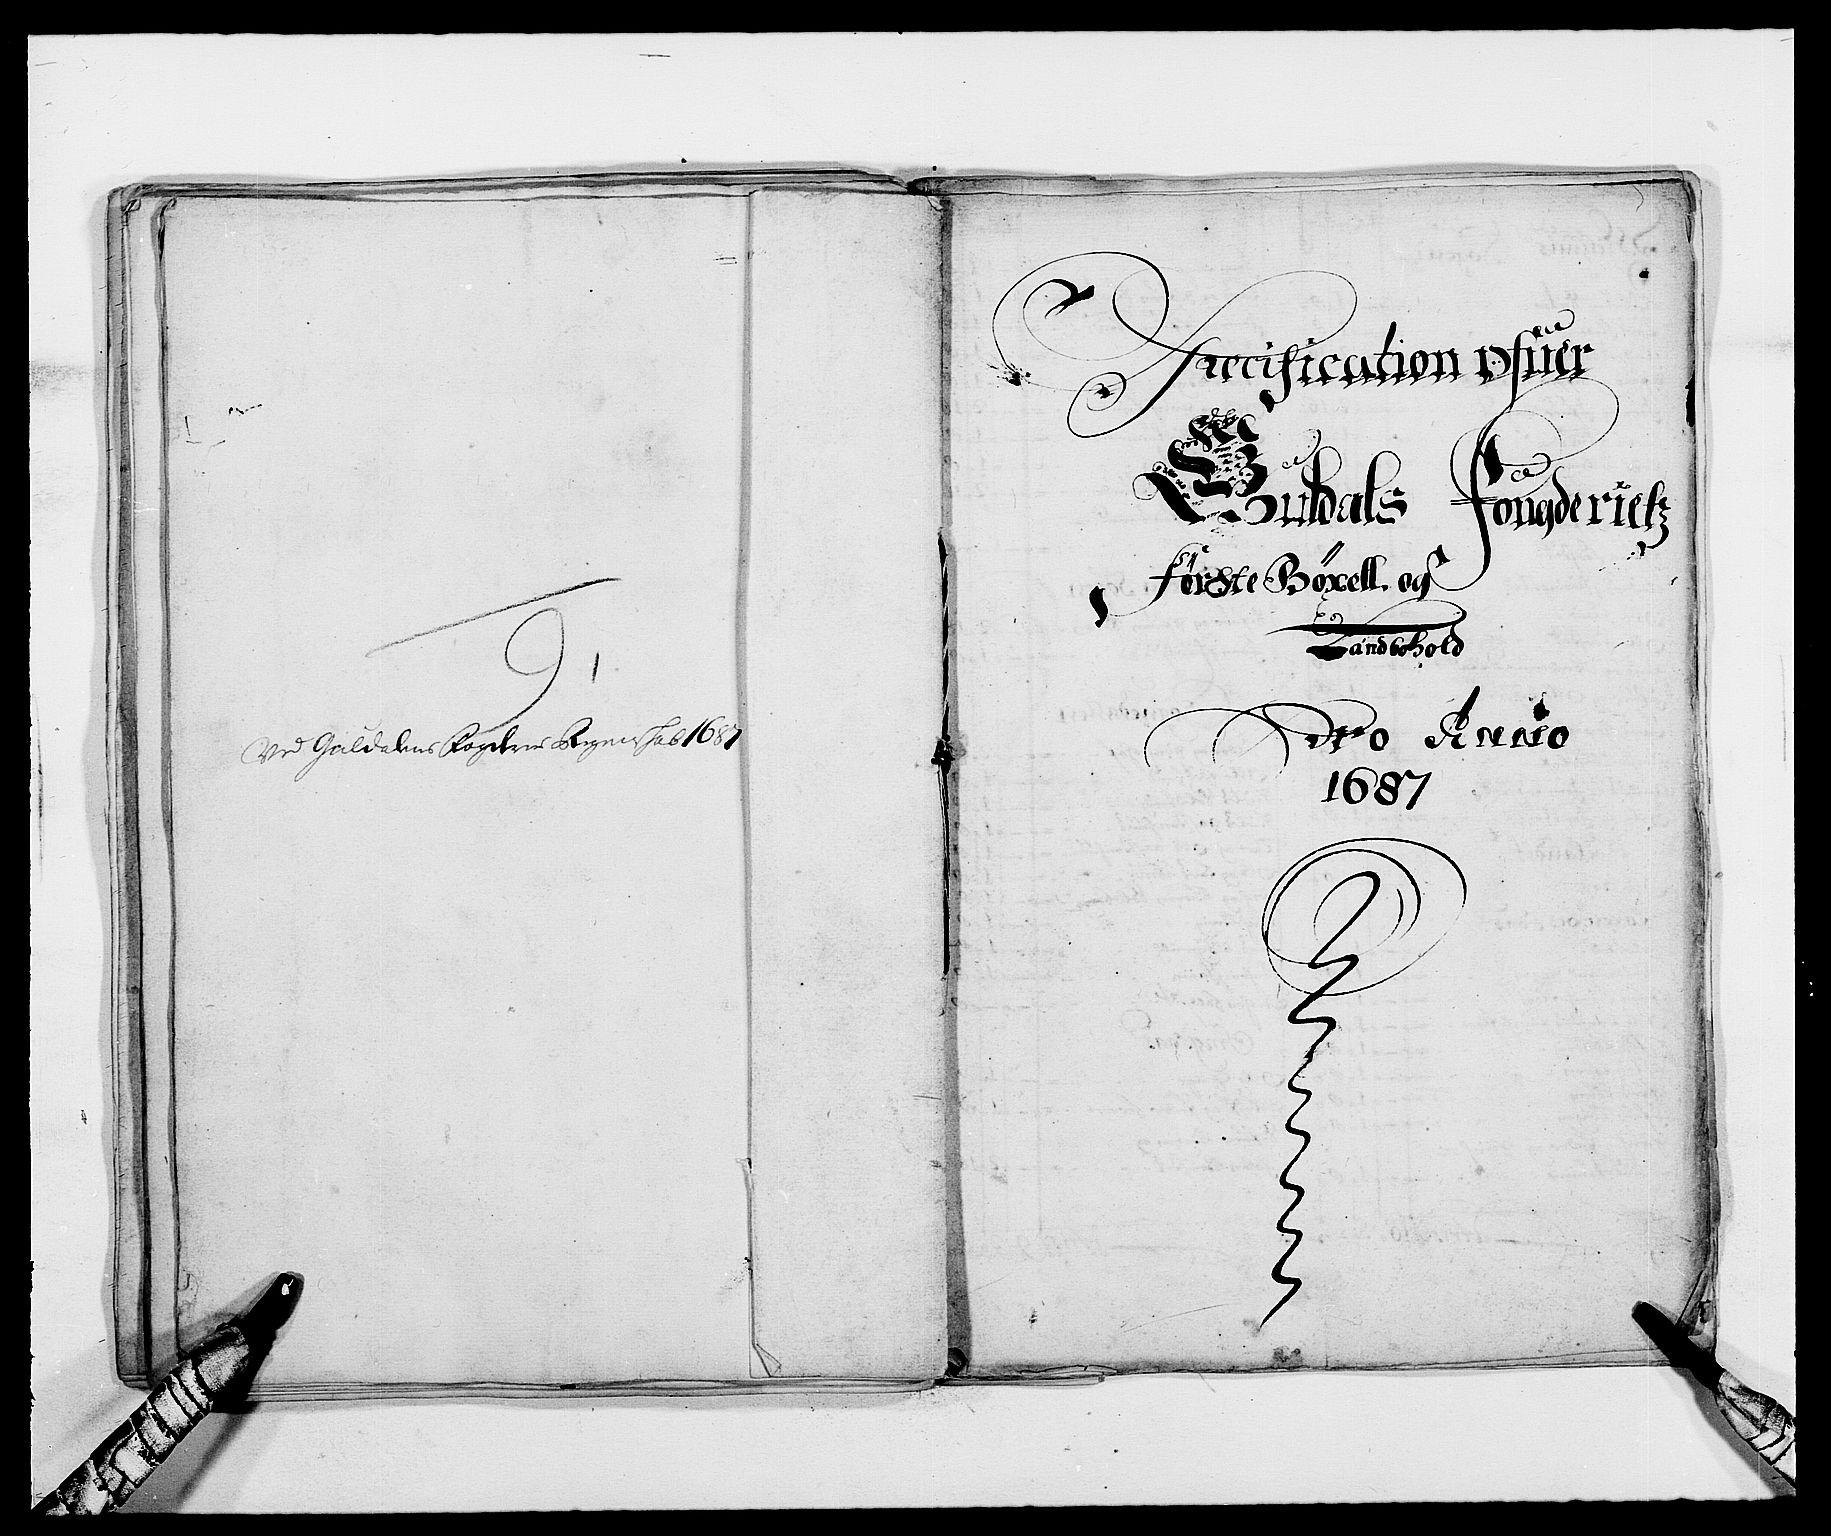 RA, Rentekammeret inntil 1814, Reviderte regnskaper, Fogderegnskap, R59/L3939: Fogderegnskap Gauldal, 1687-1688, s. 44